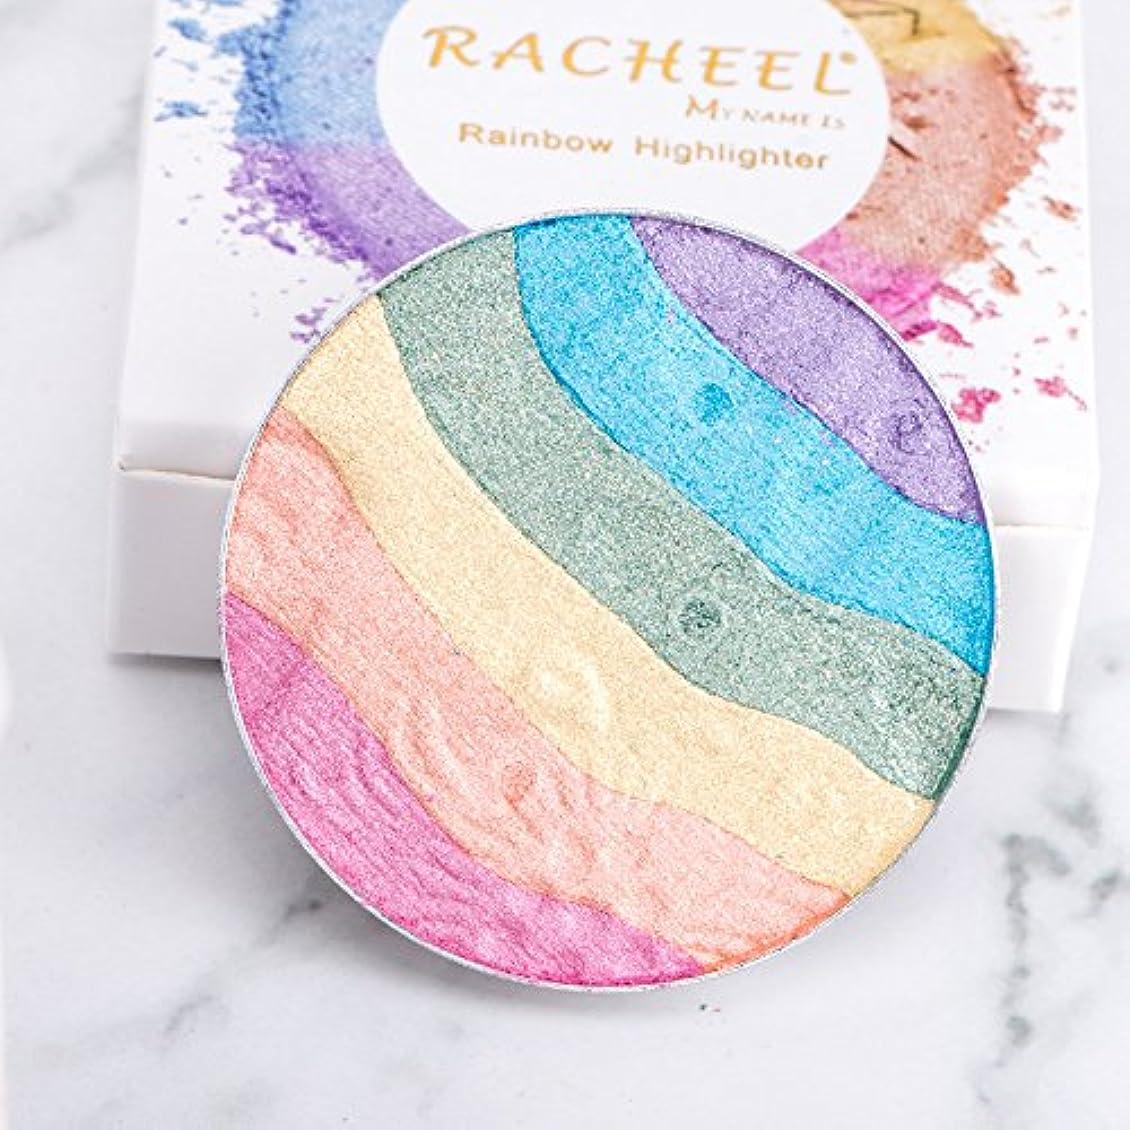 かもめデータベース大いにAkane アイシャドウパレット MY NAME IS RACHEEL 人気 プロ 可愛い 虹 おしゃれ 魅力的 綺麗 防水 長持ち ハイライト チャーム 持ち便利 Eye Shadow 01#